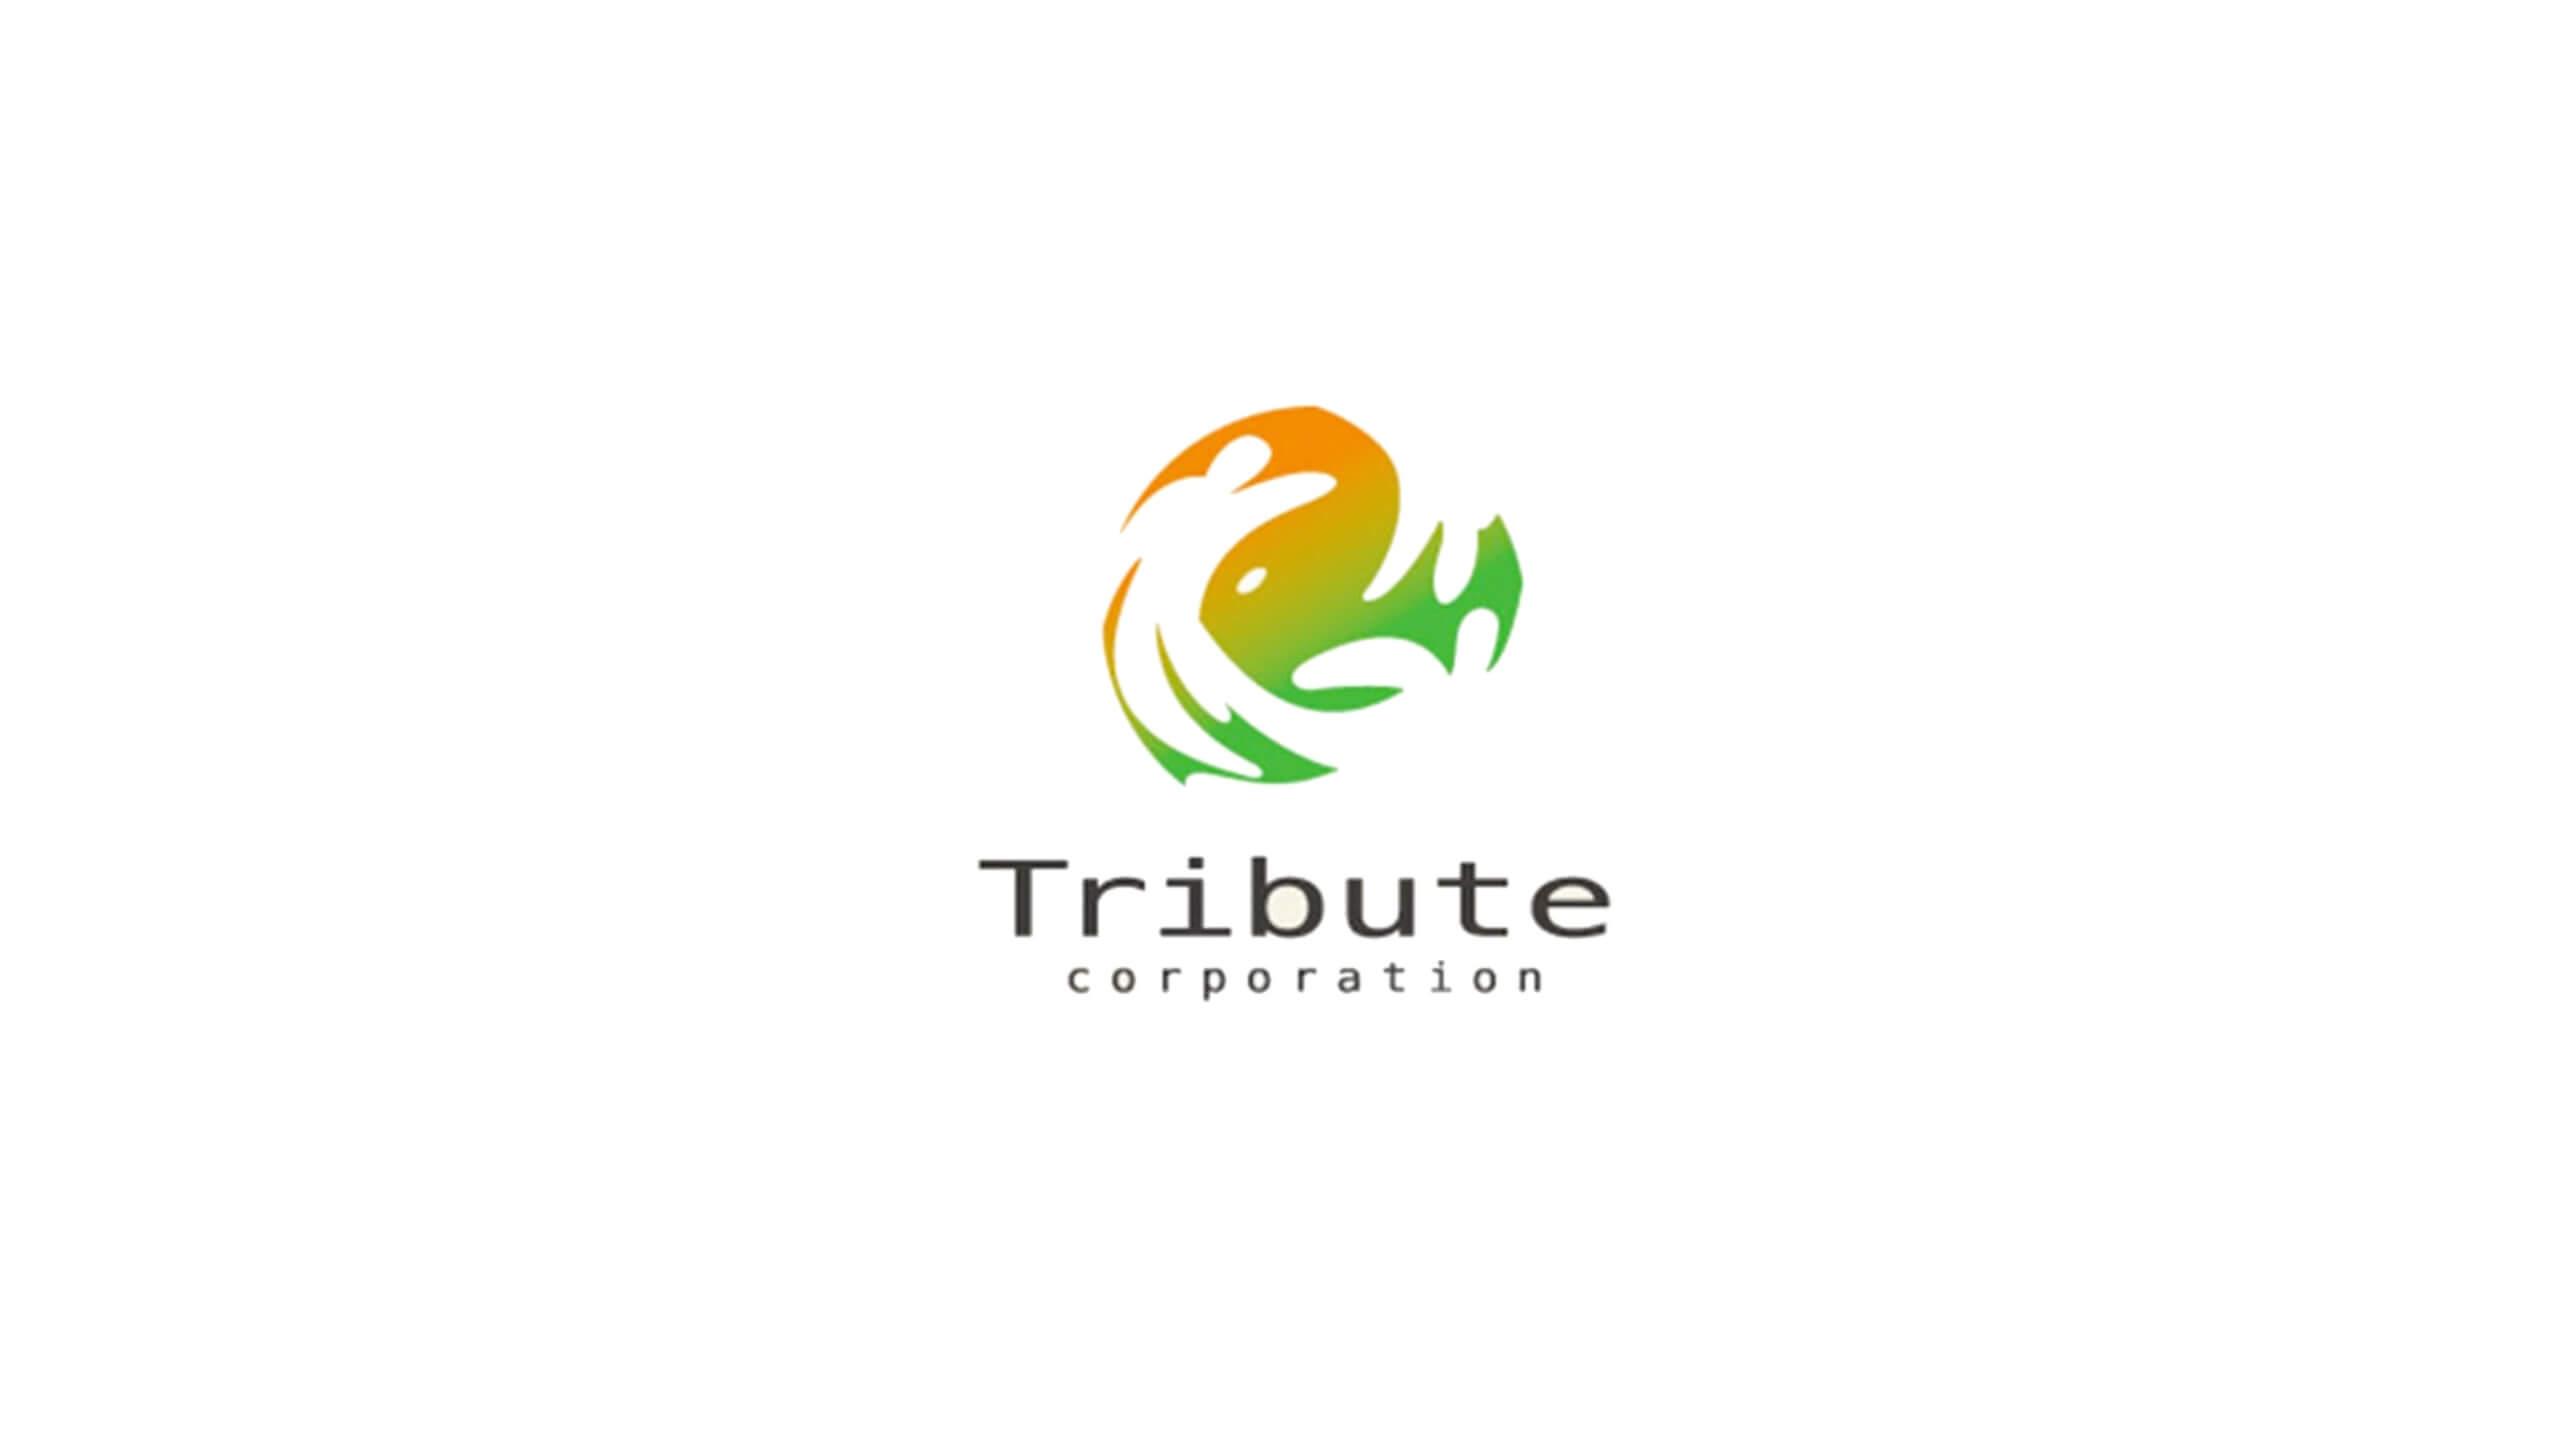 株式会社トリビュートのロゴ